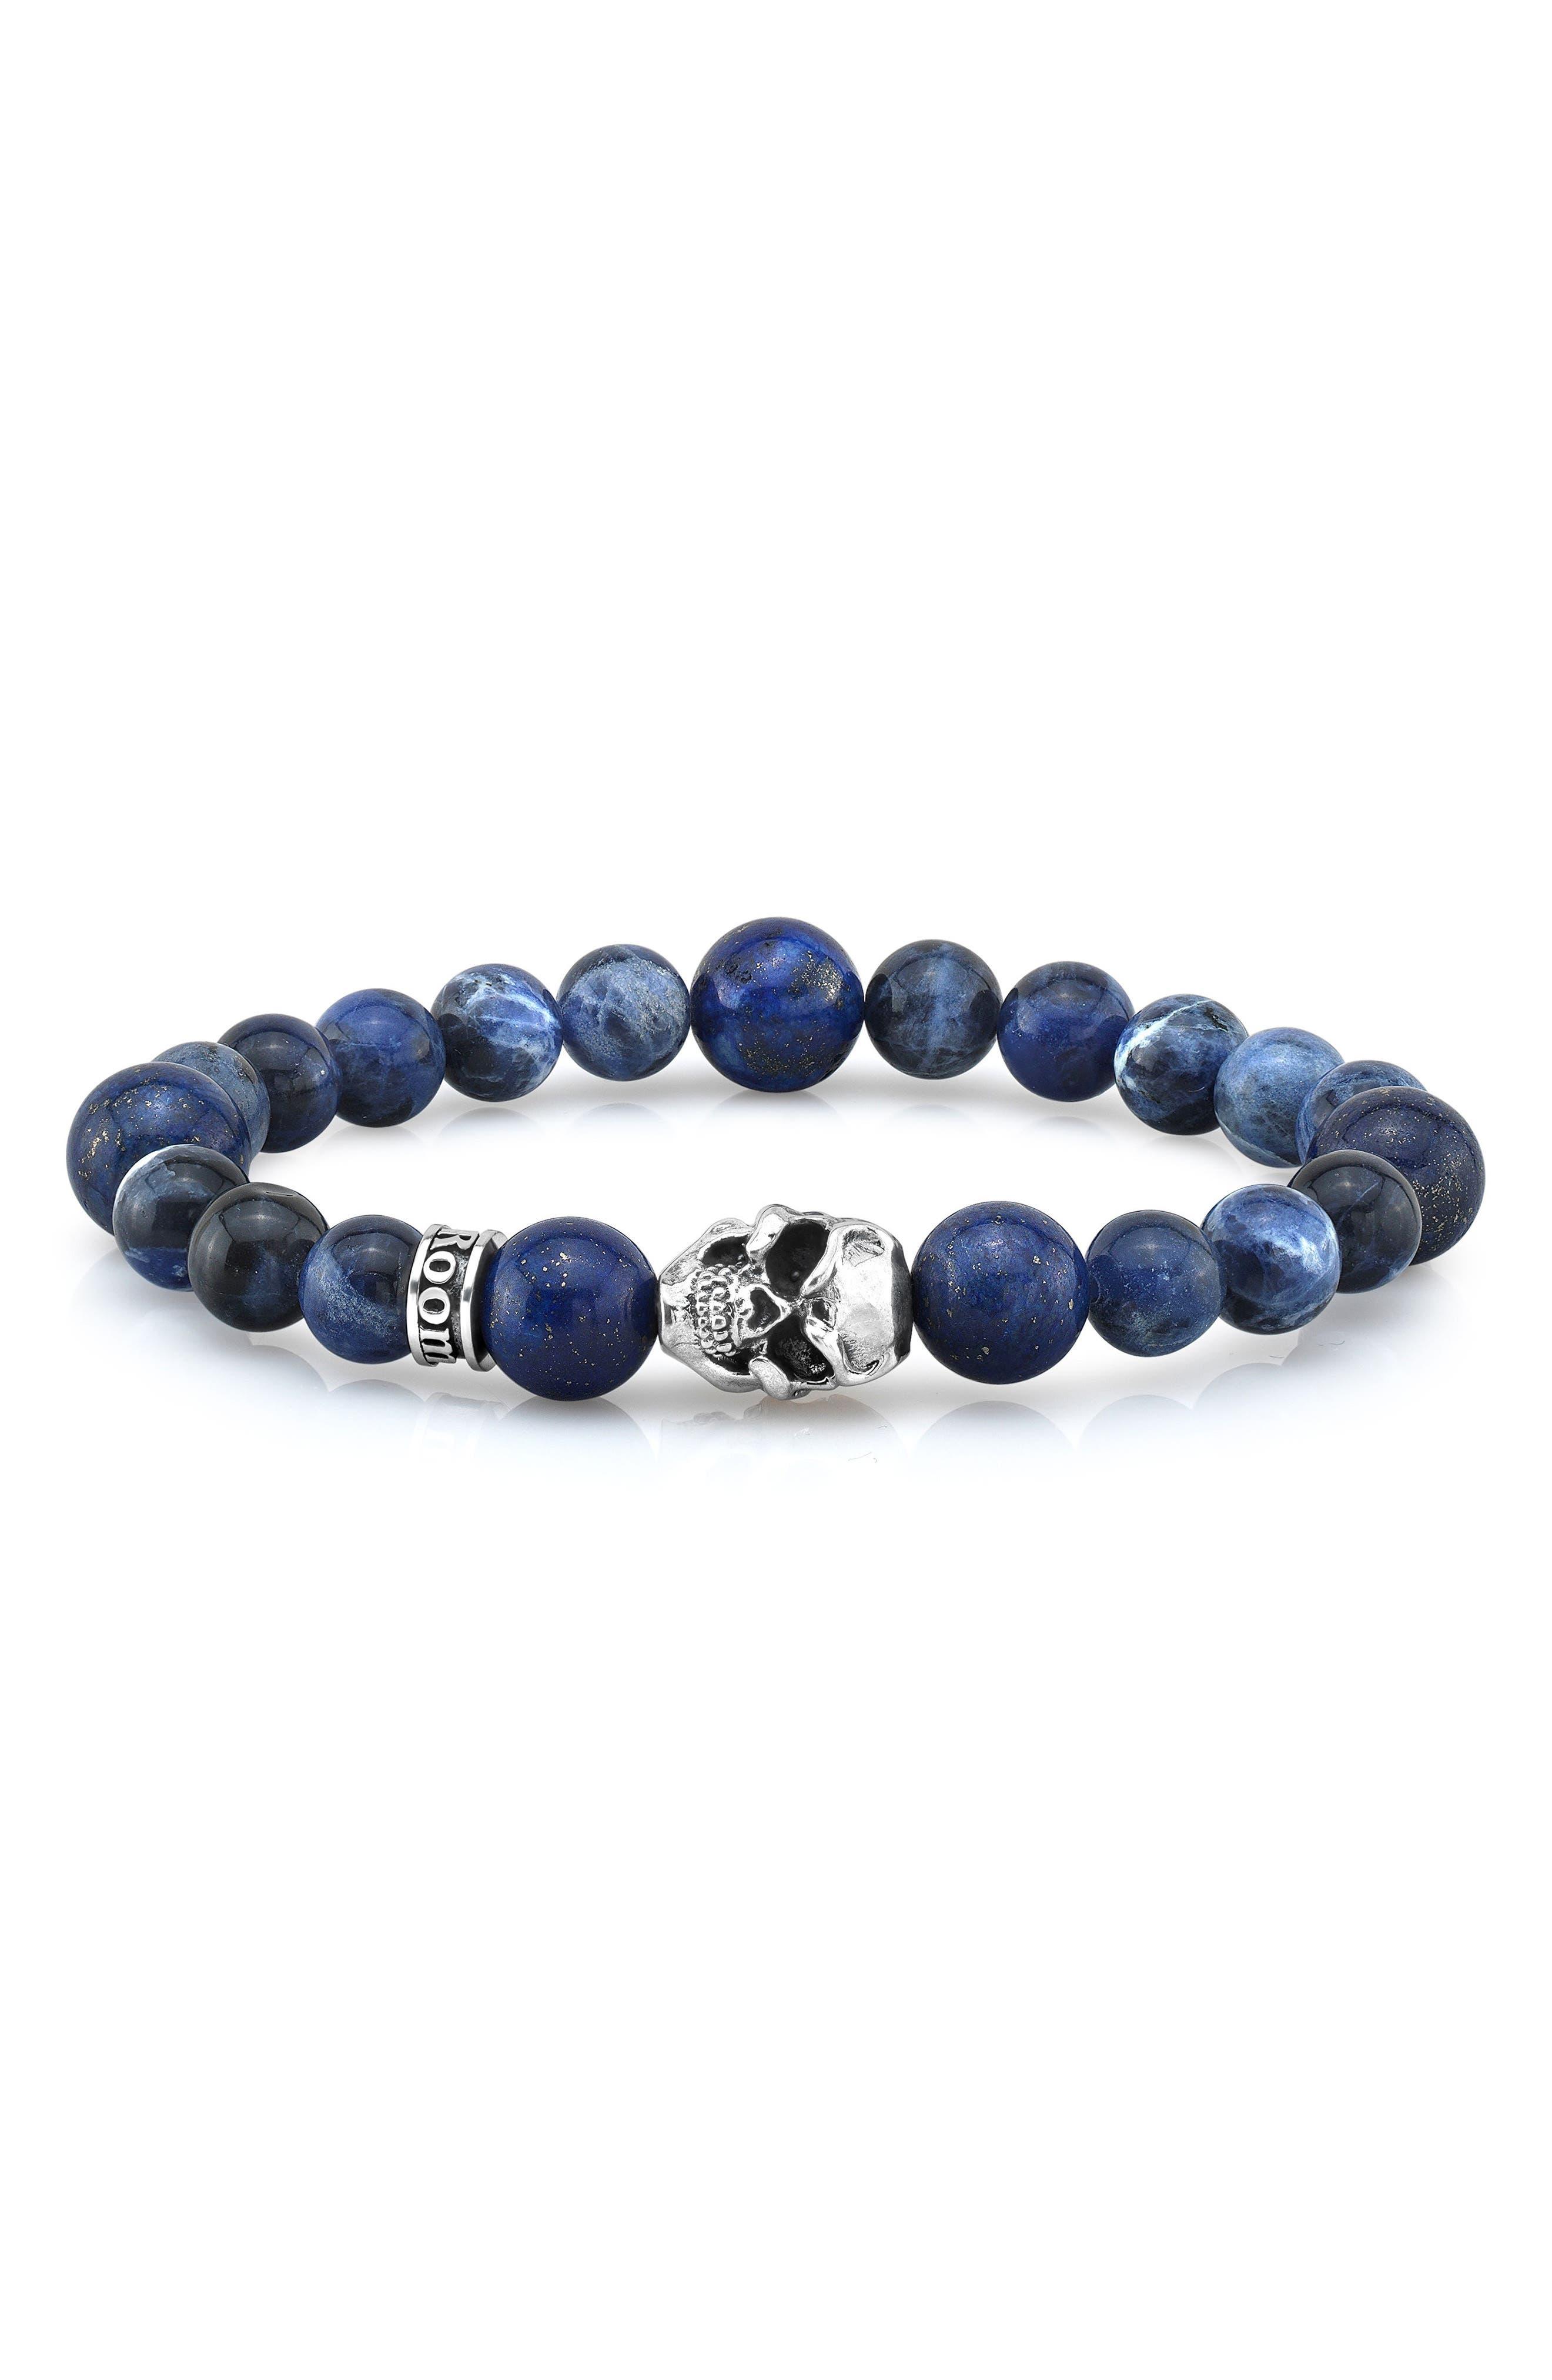 Sodalite & Lapis Lazuli Bead Bracelet,                             Main thumbnail 1, color,                             Blue